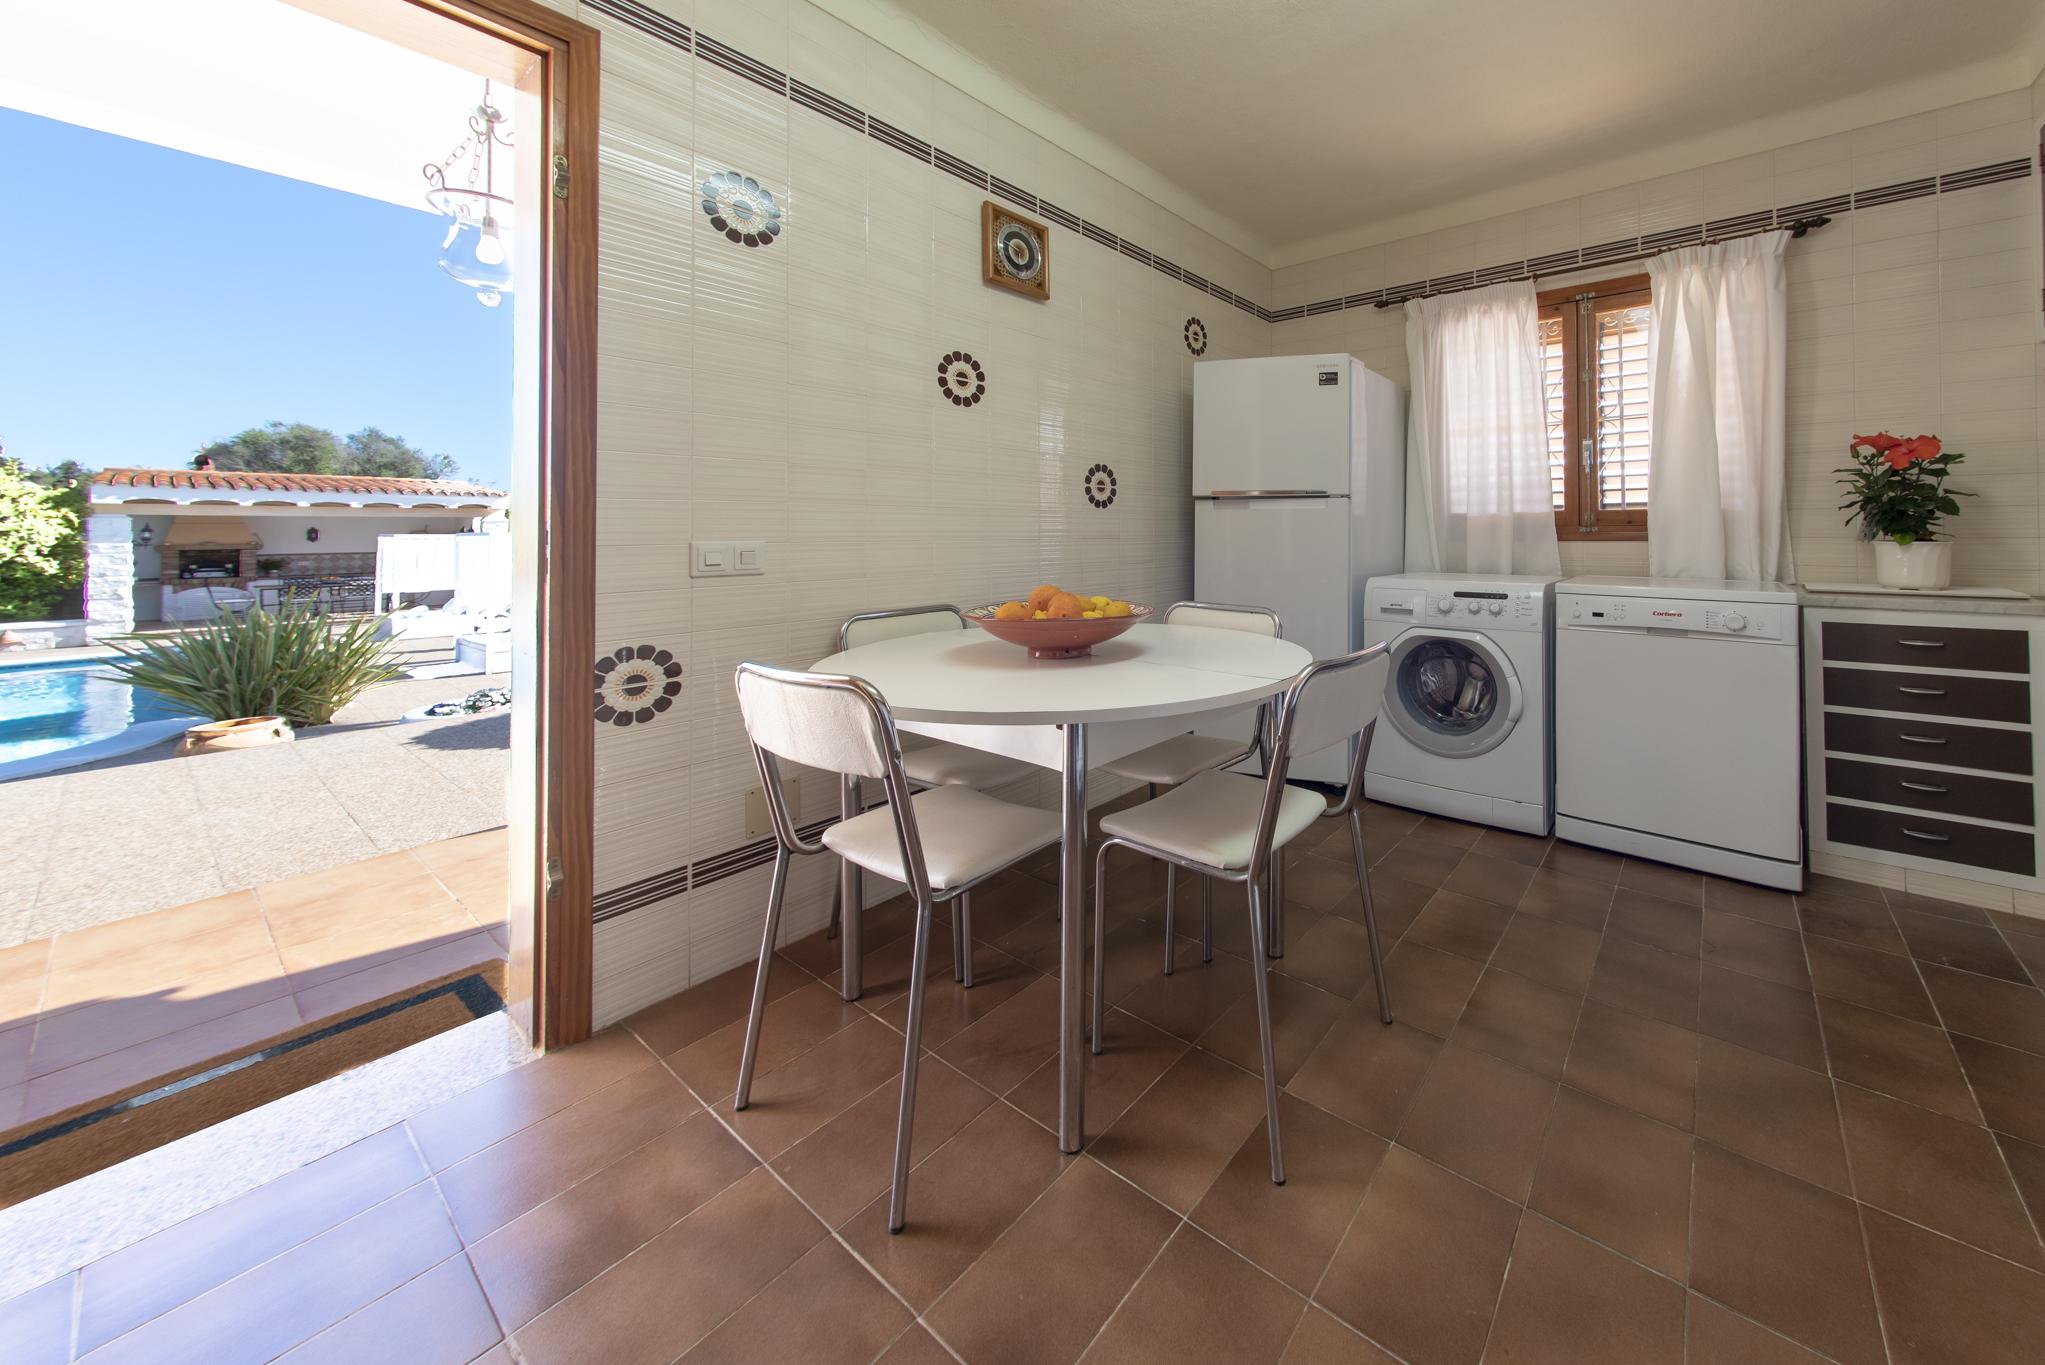 Apartment Villa Can Americano  piscina  Wi-Fi photo 20146730